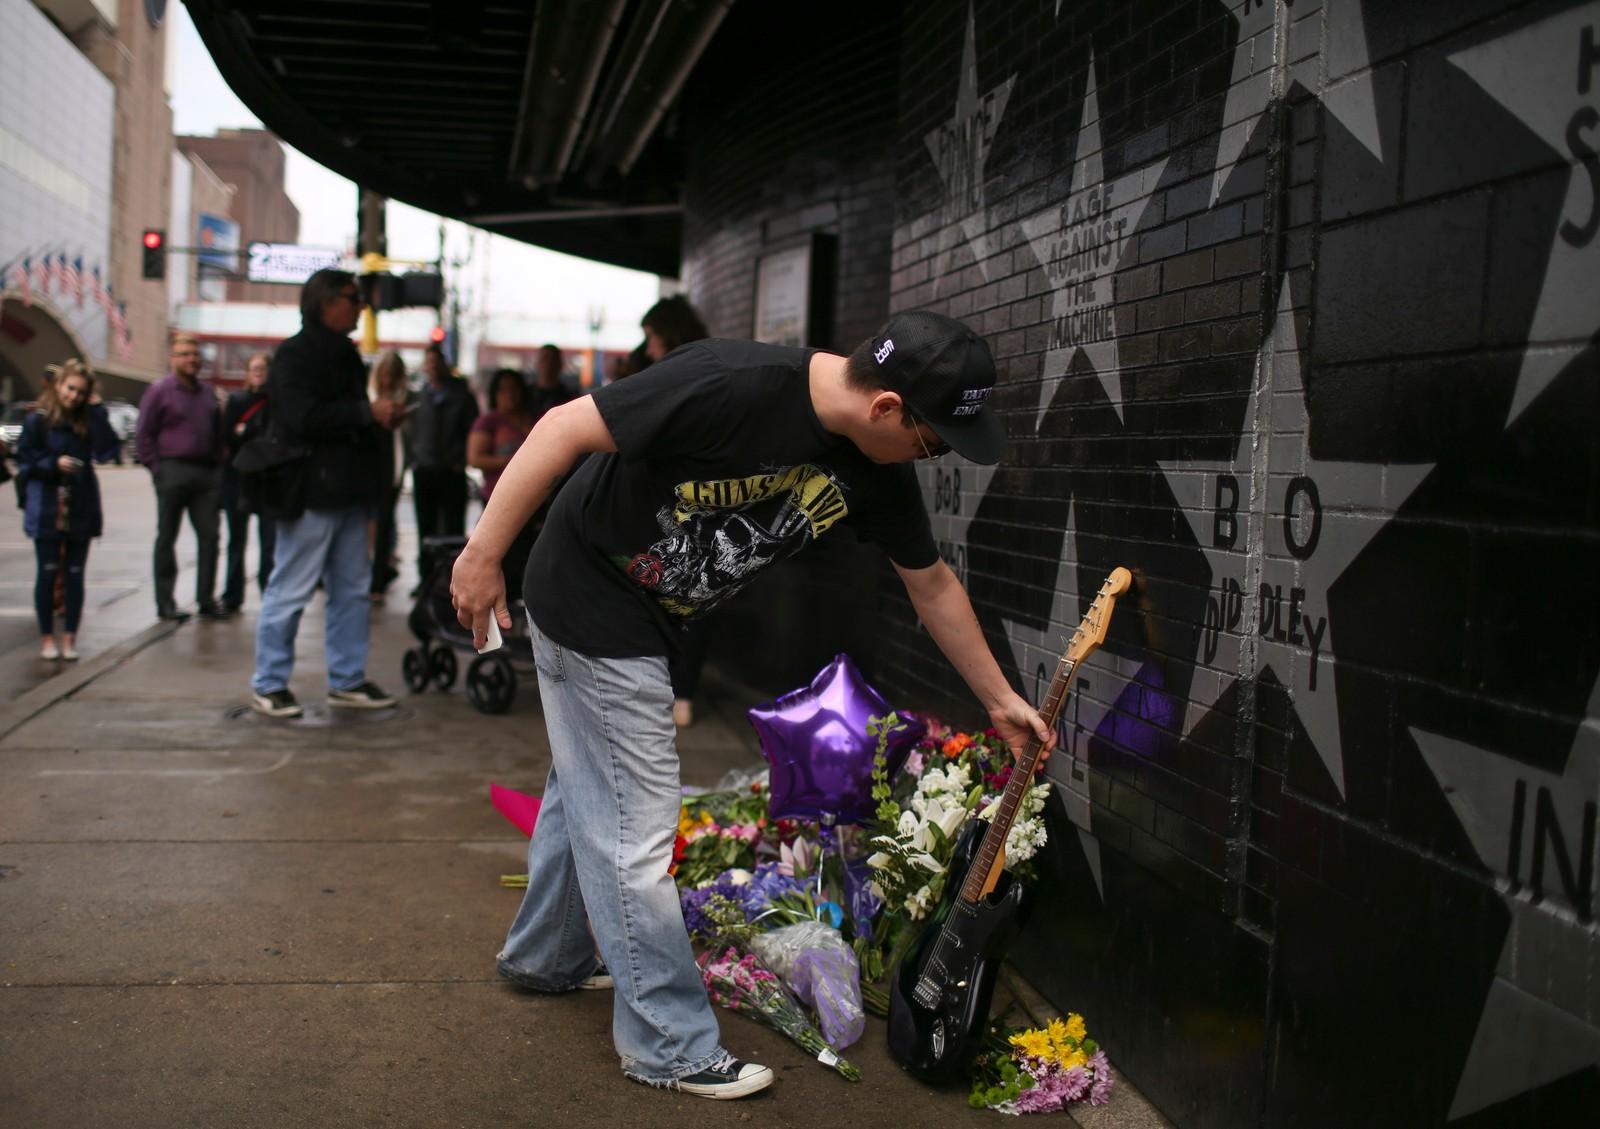 Christopher LaCroix fra Minneapolis legger ned en gitar nær Princes' stjerne på First Avenue. Prince ble funnet død i sitt hjem torsdag.